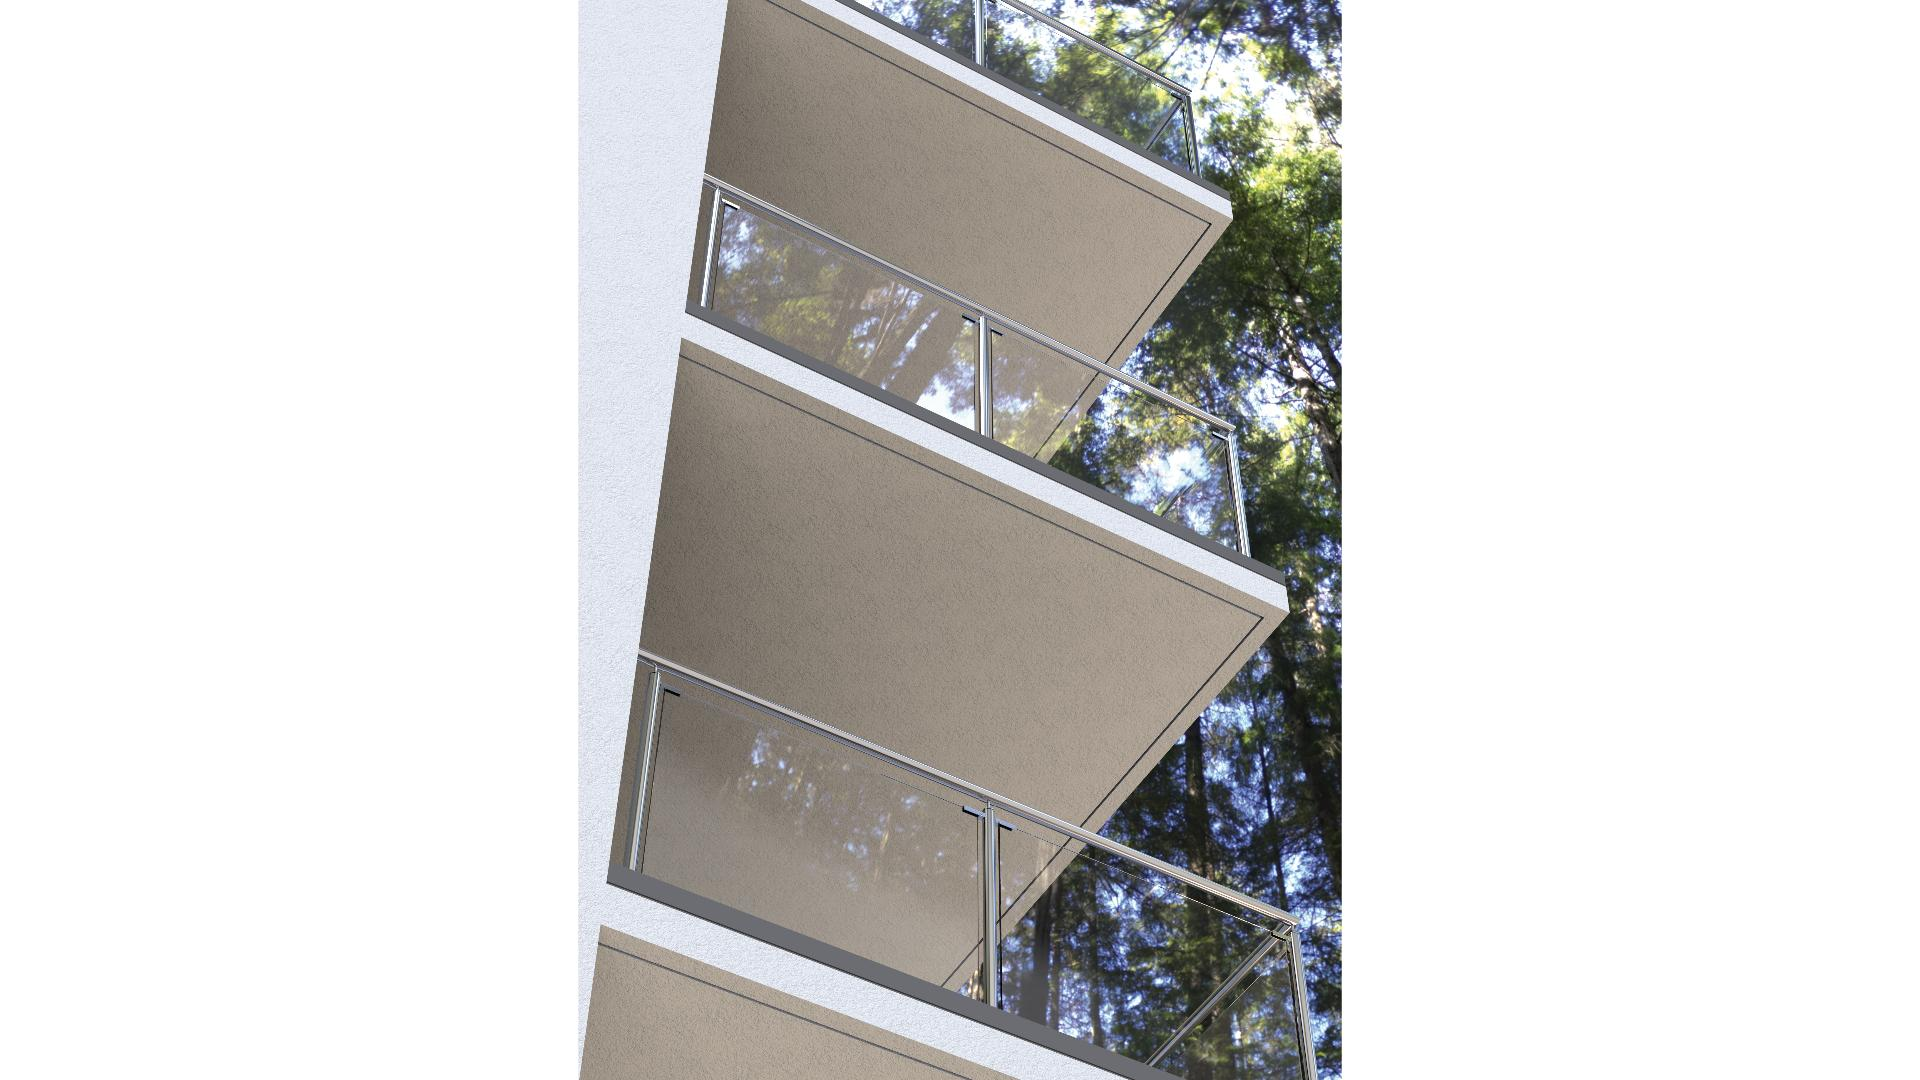 Blick von unter auf mehrere Balkone eines Mehrfamilienhauses